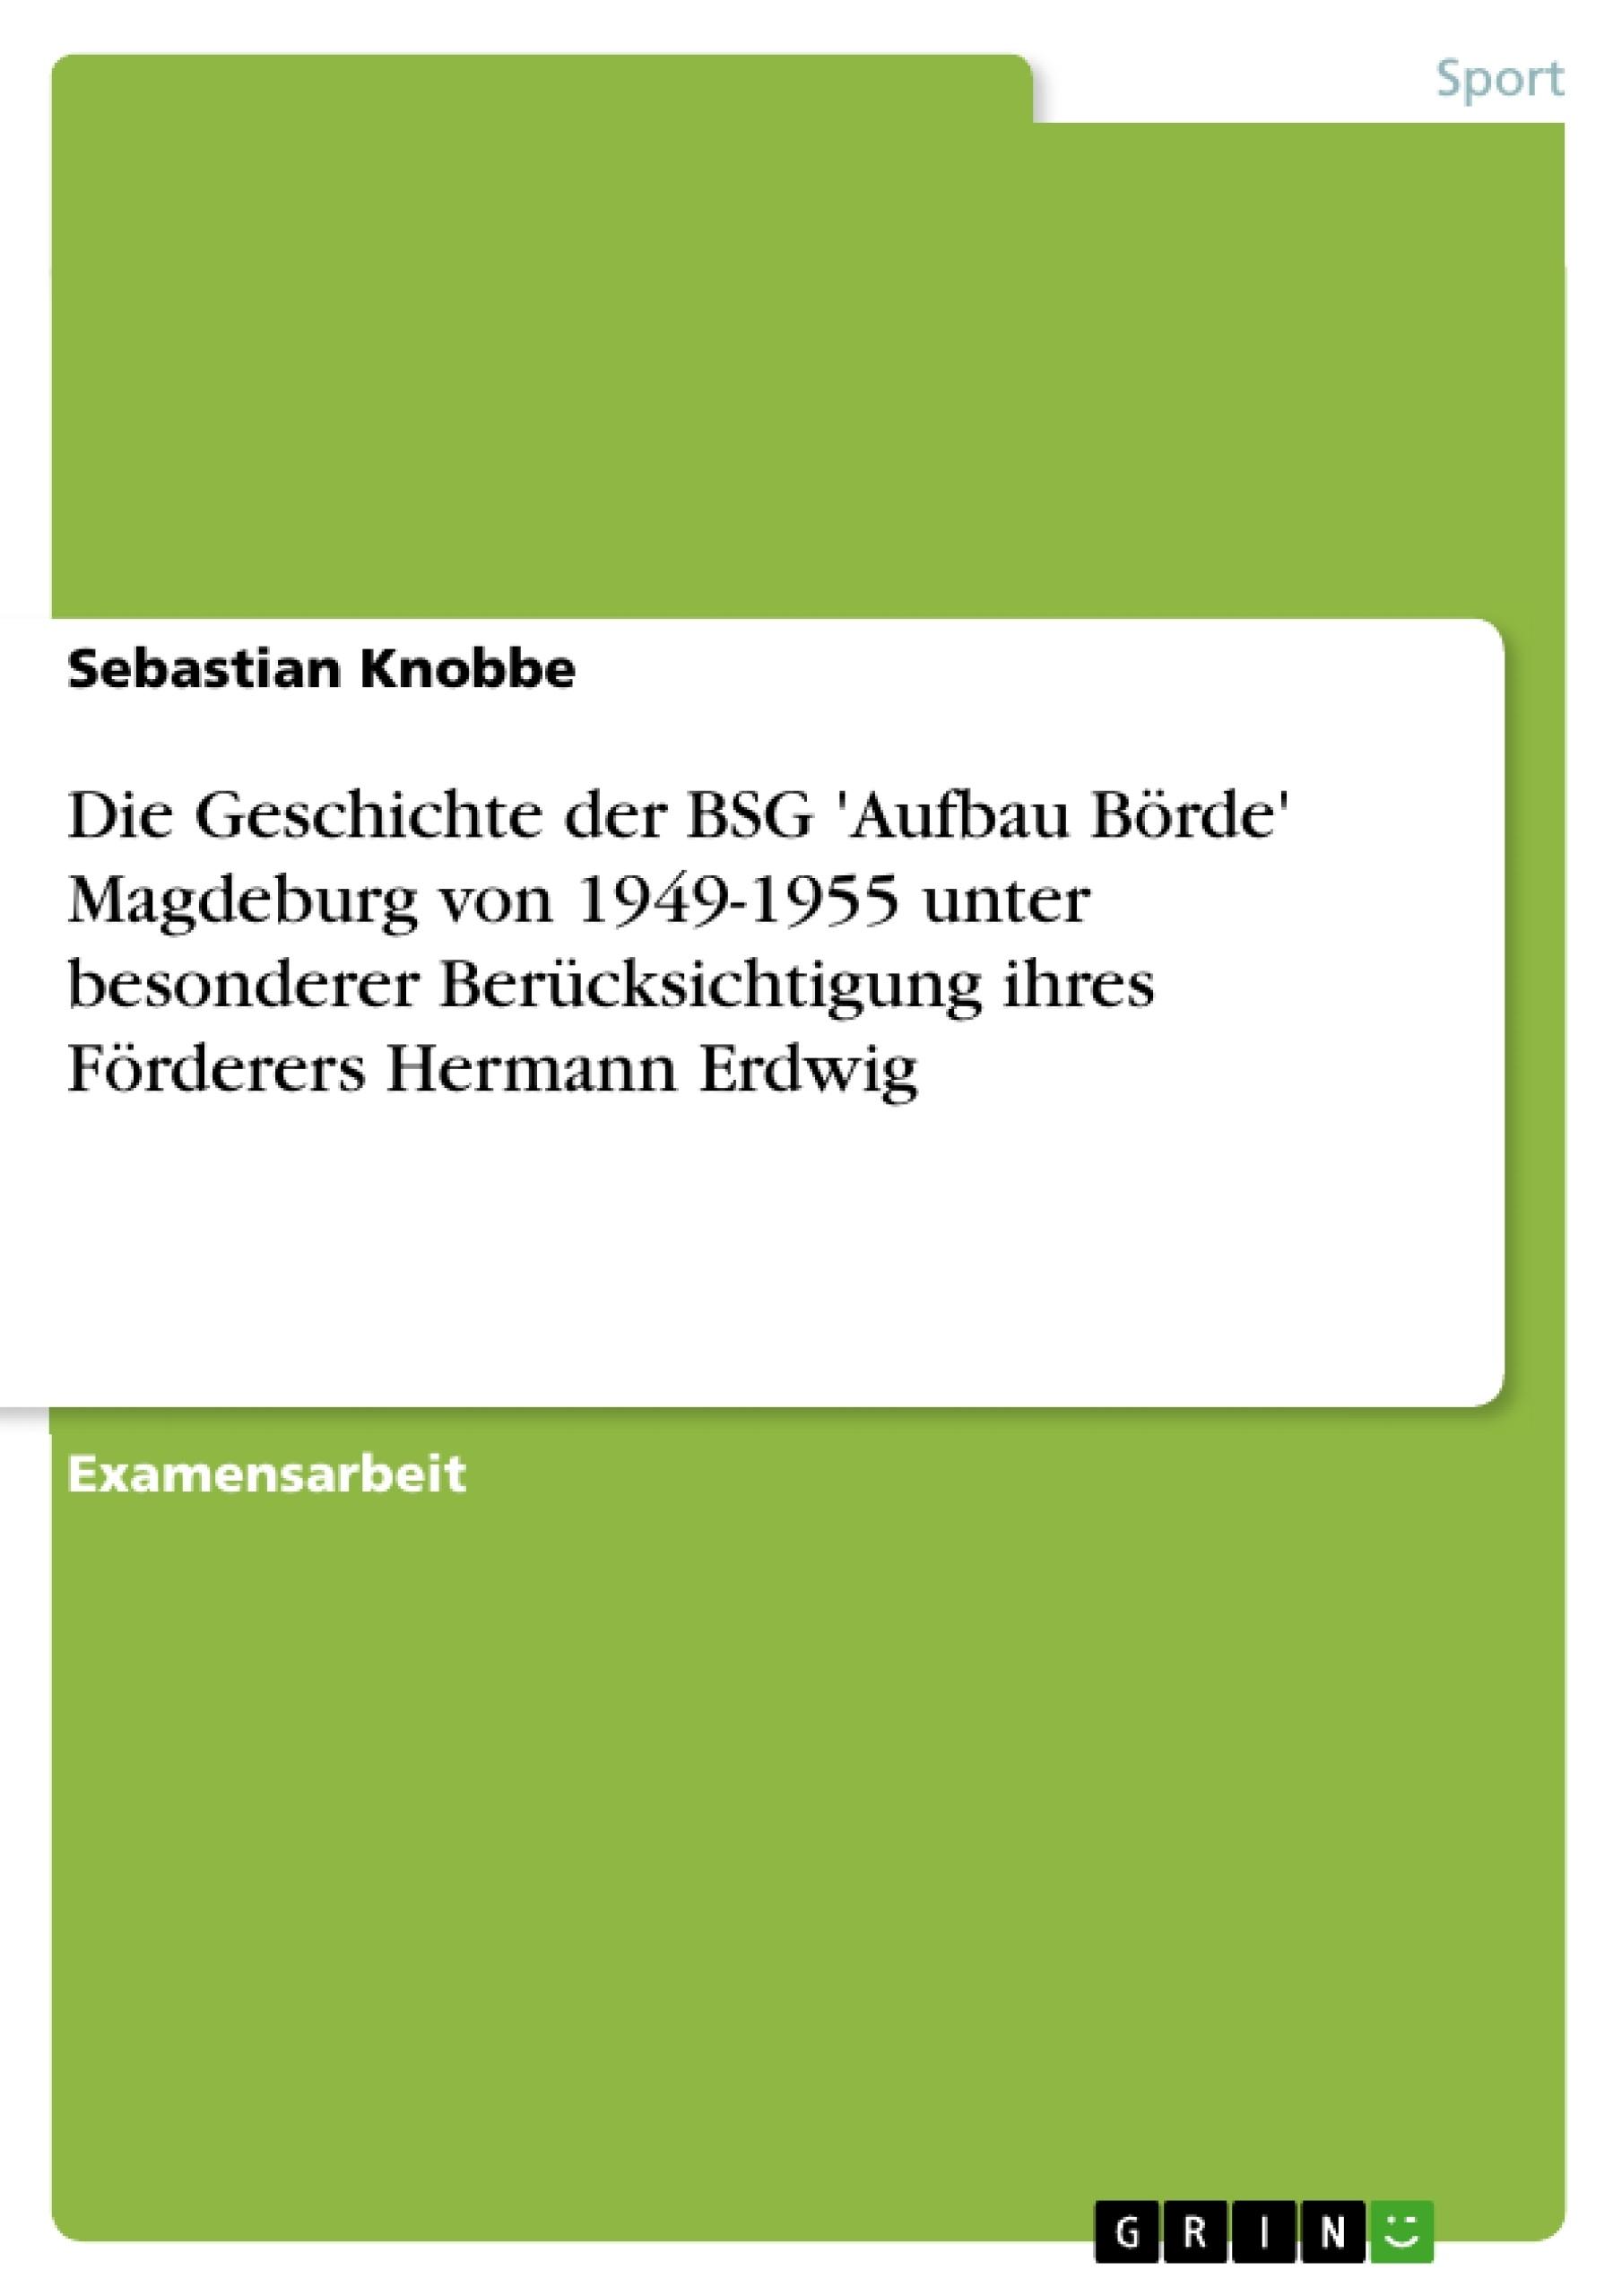 Titel: Die Geschichte der BSG 'Aufbau Börde' Magdeburg von 1949-1955 unter besonderer Berücksichtigung ihres Förderers Hermann Erdwig